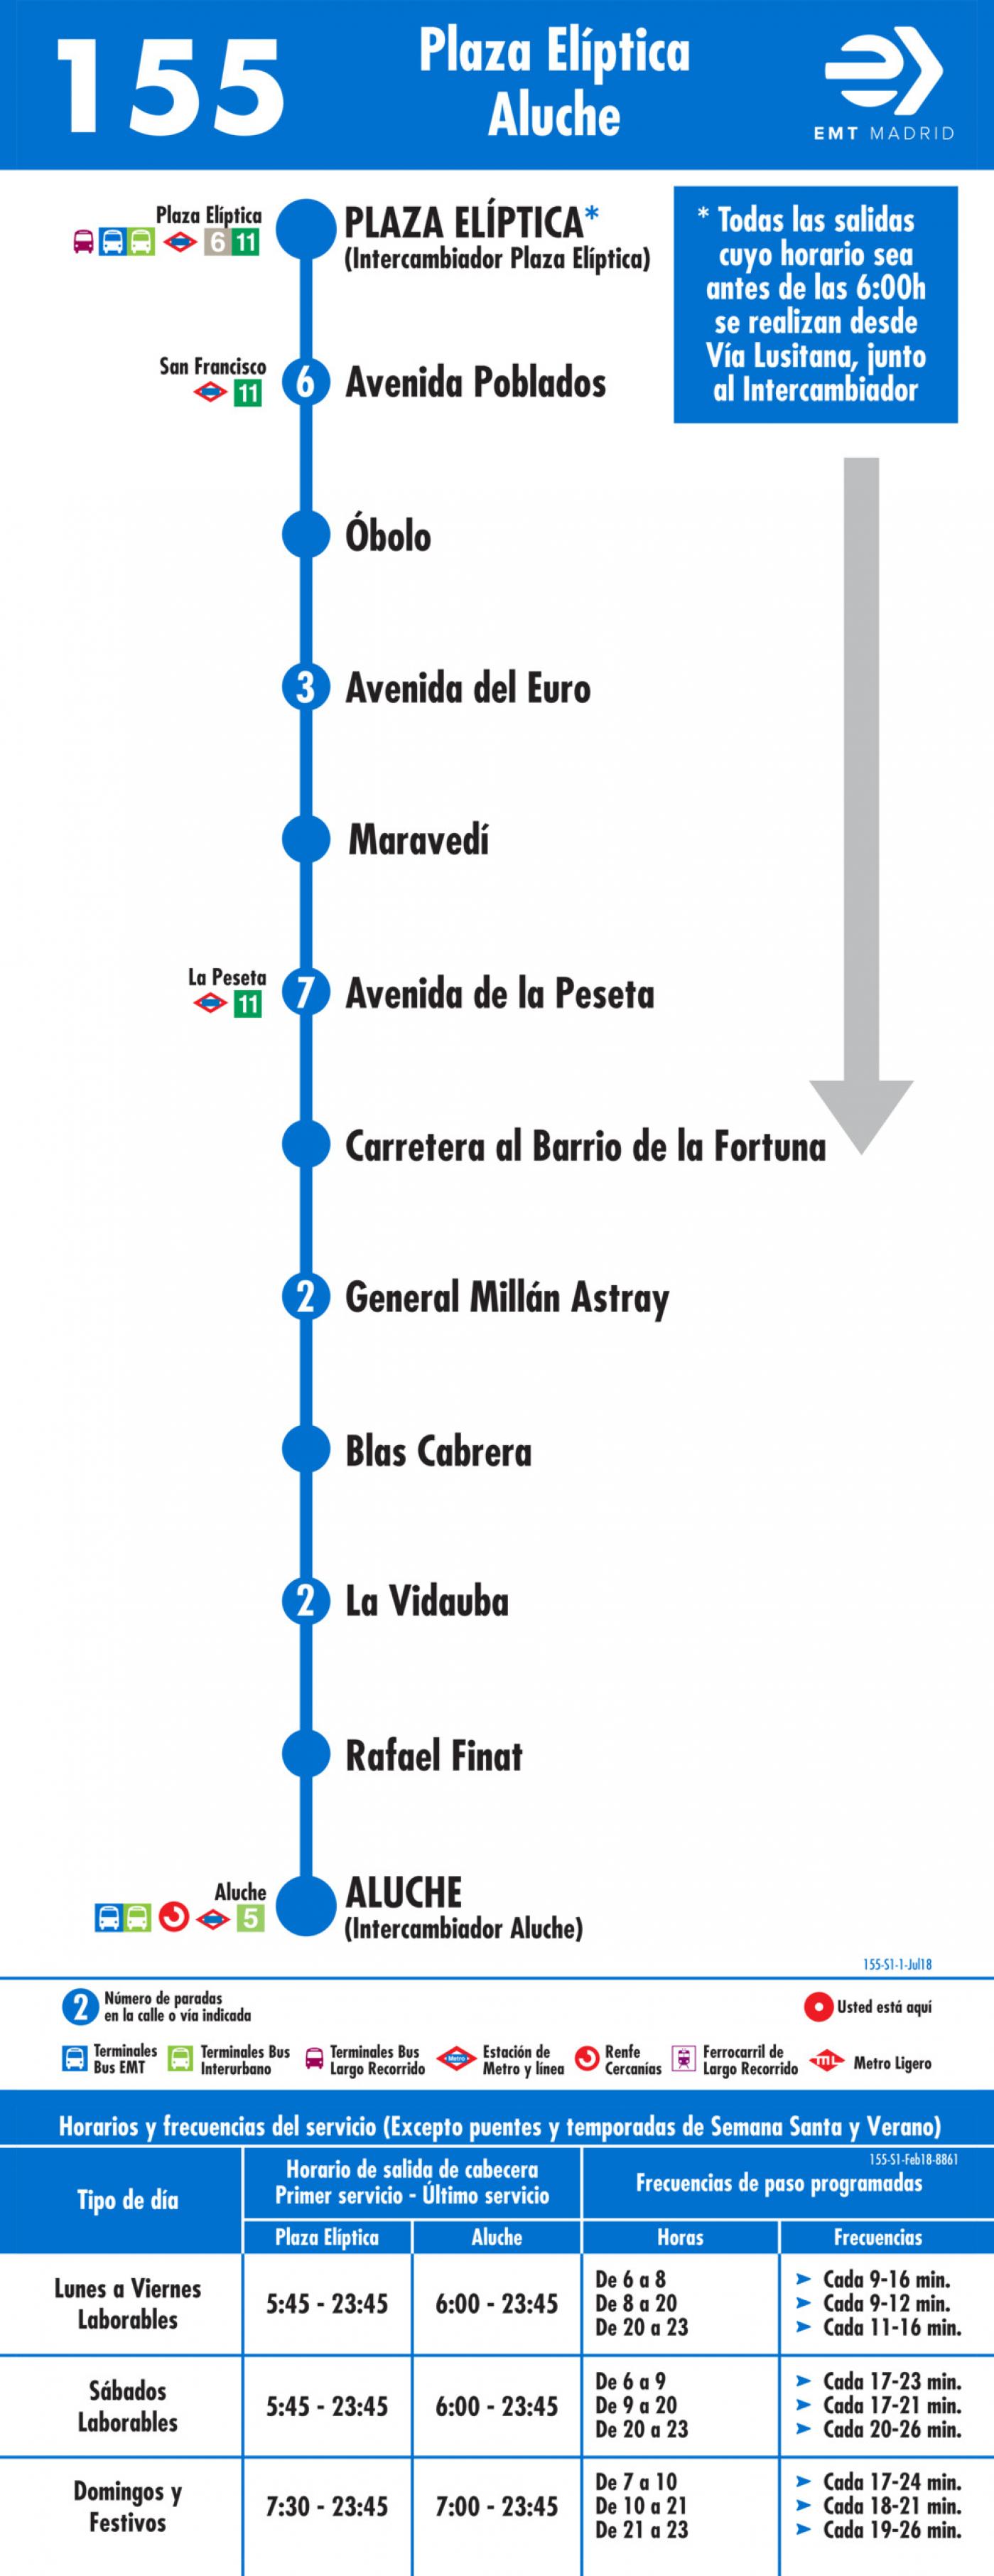 Tabla de horarios y frecuencias de paso en sentido ida Línea 155: Plaza Elíptica - Aluche